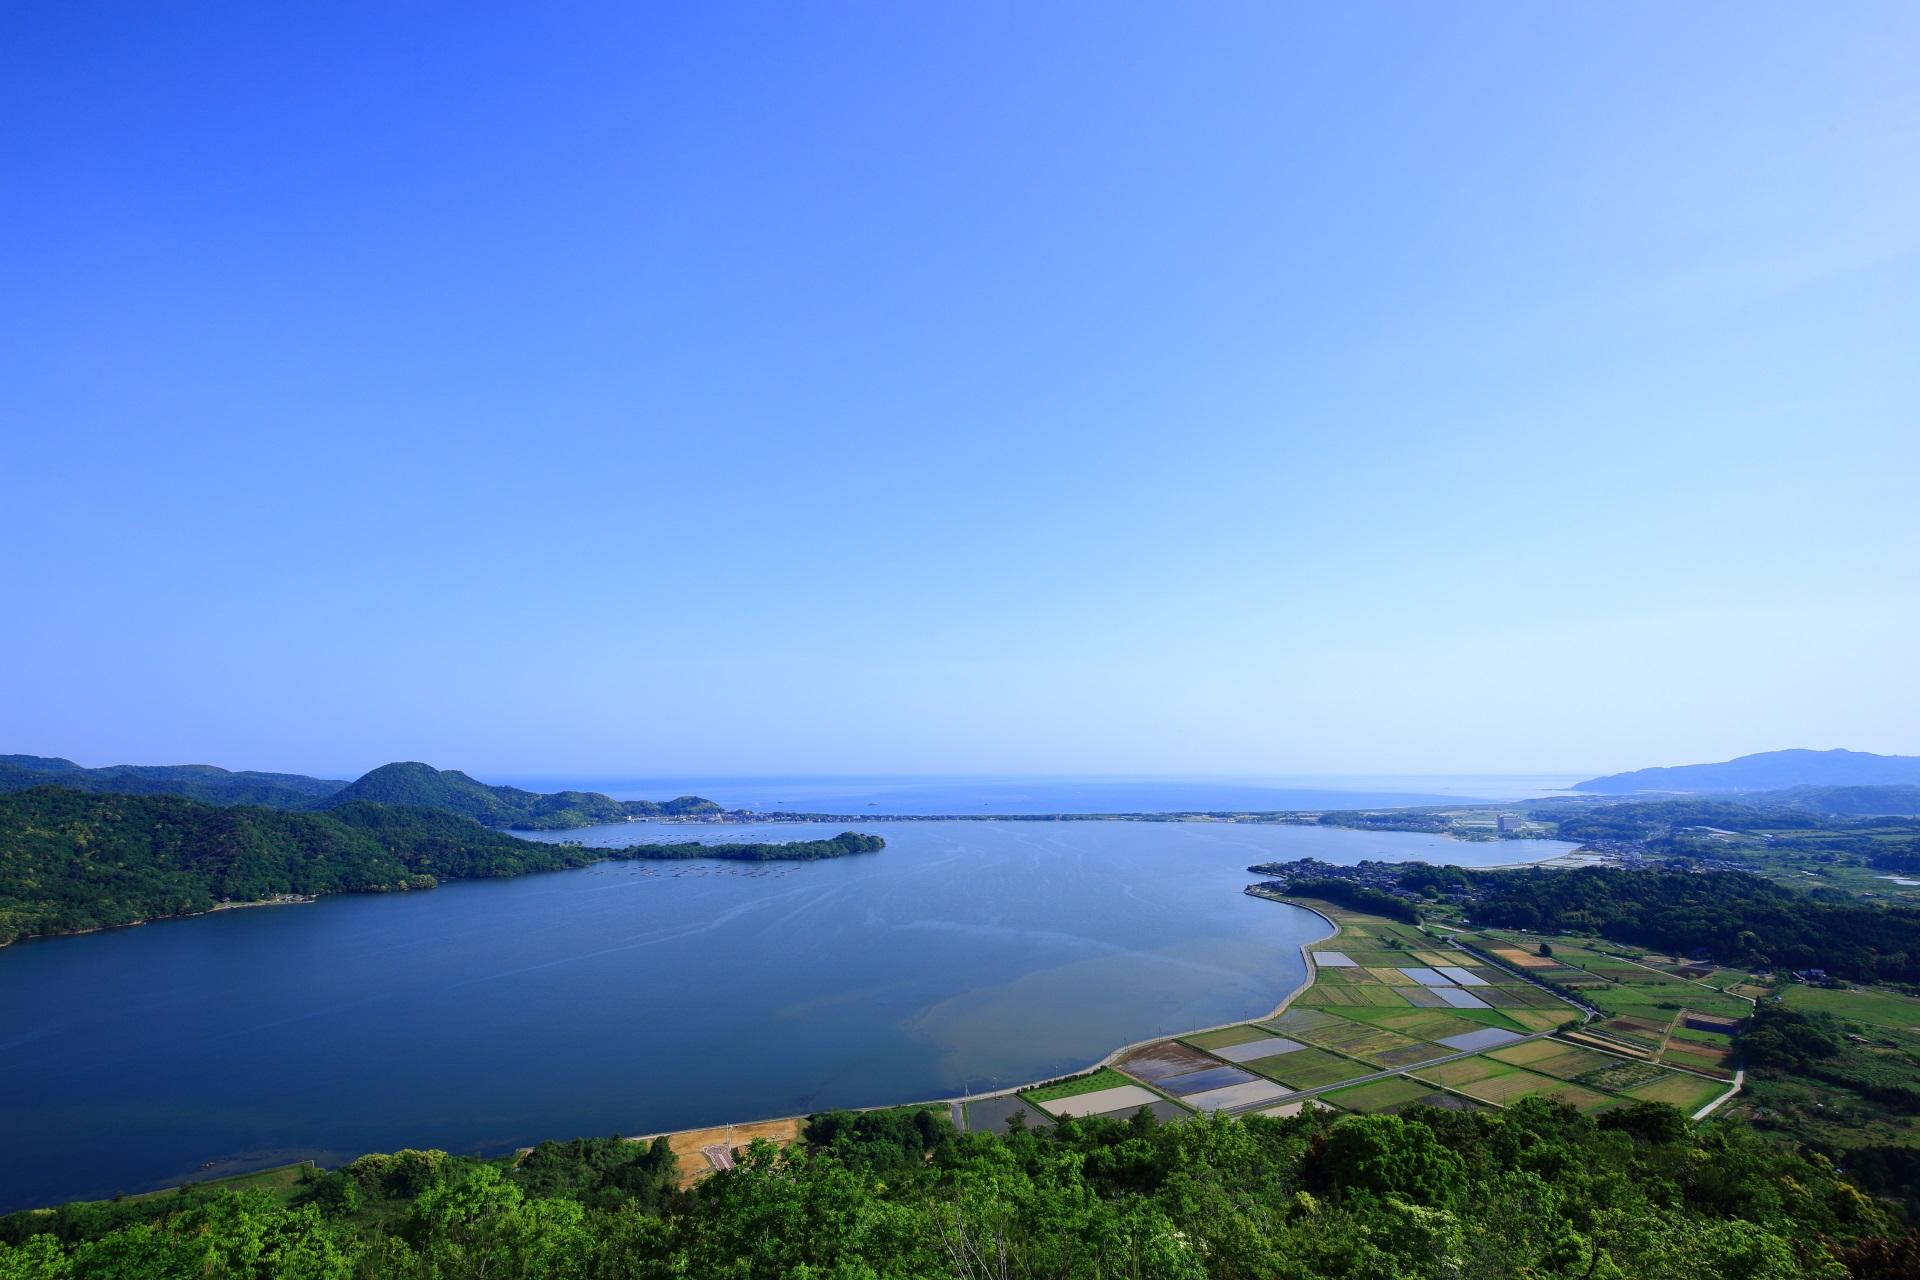 絶品の海と山と湖が楽しめる兜山の穴場の絶景スポット